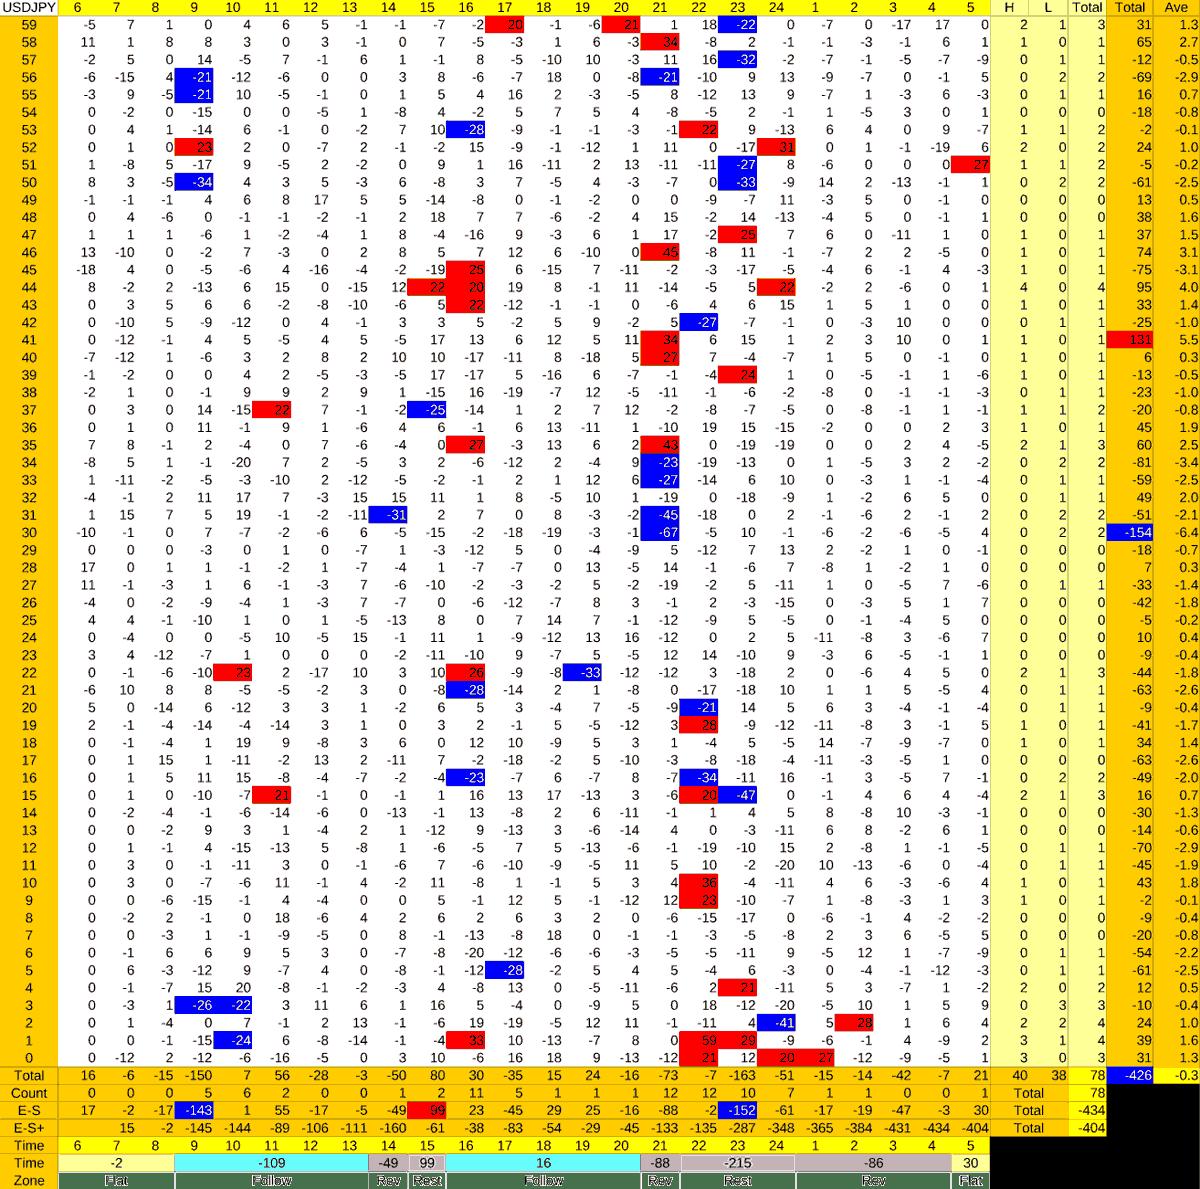 20210729_HS(1)USDJPY-min